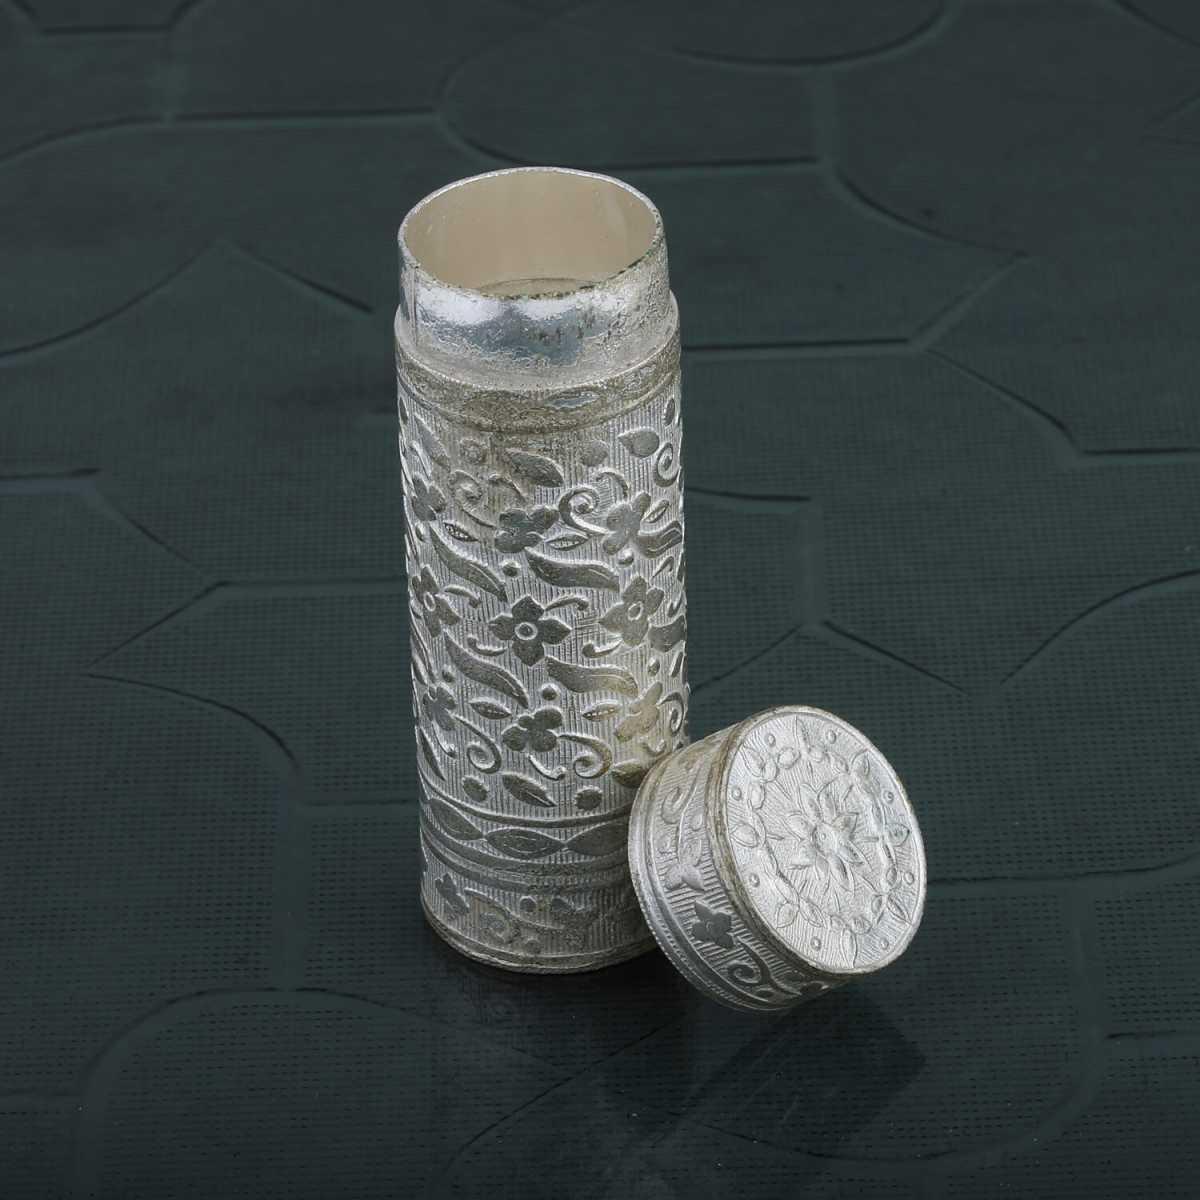 Silver Shine Silver Plated Multi purpose Storage Box